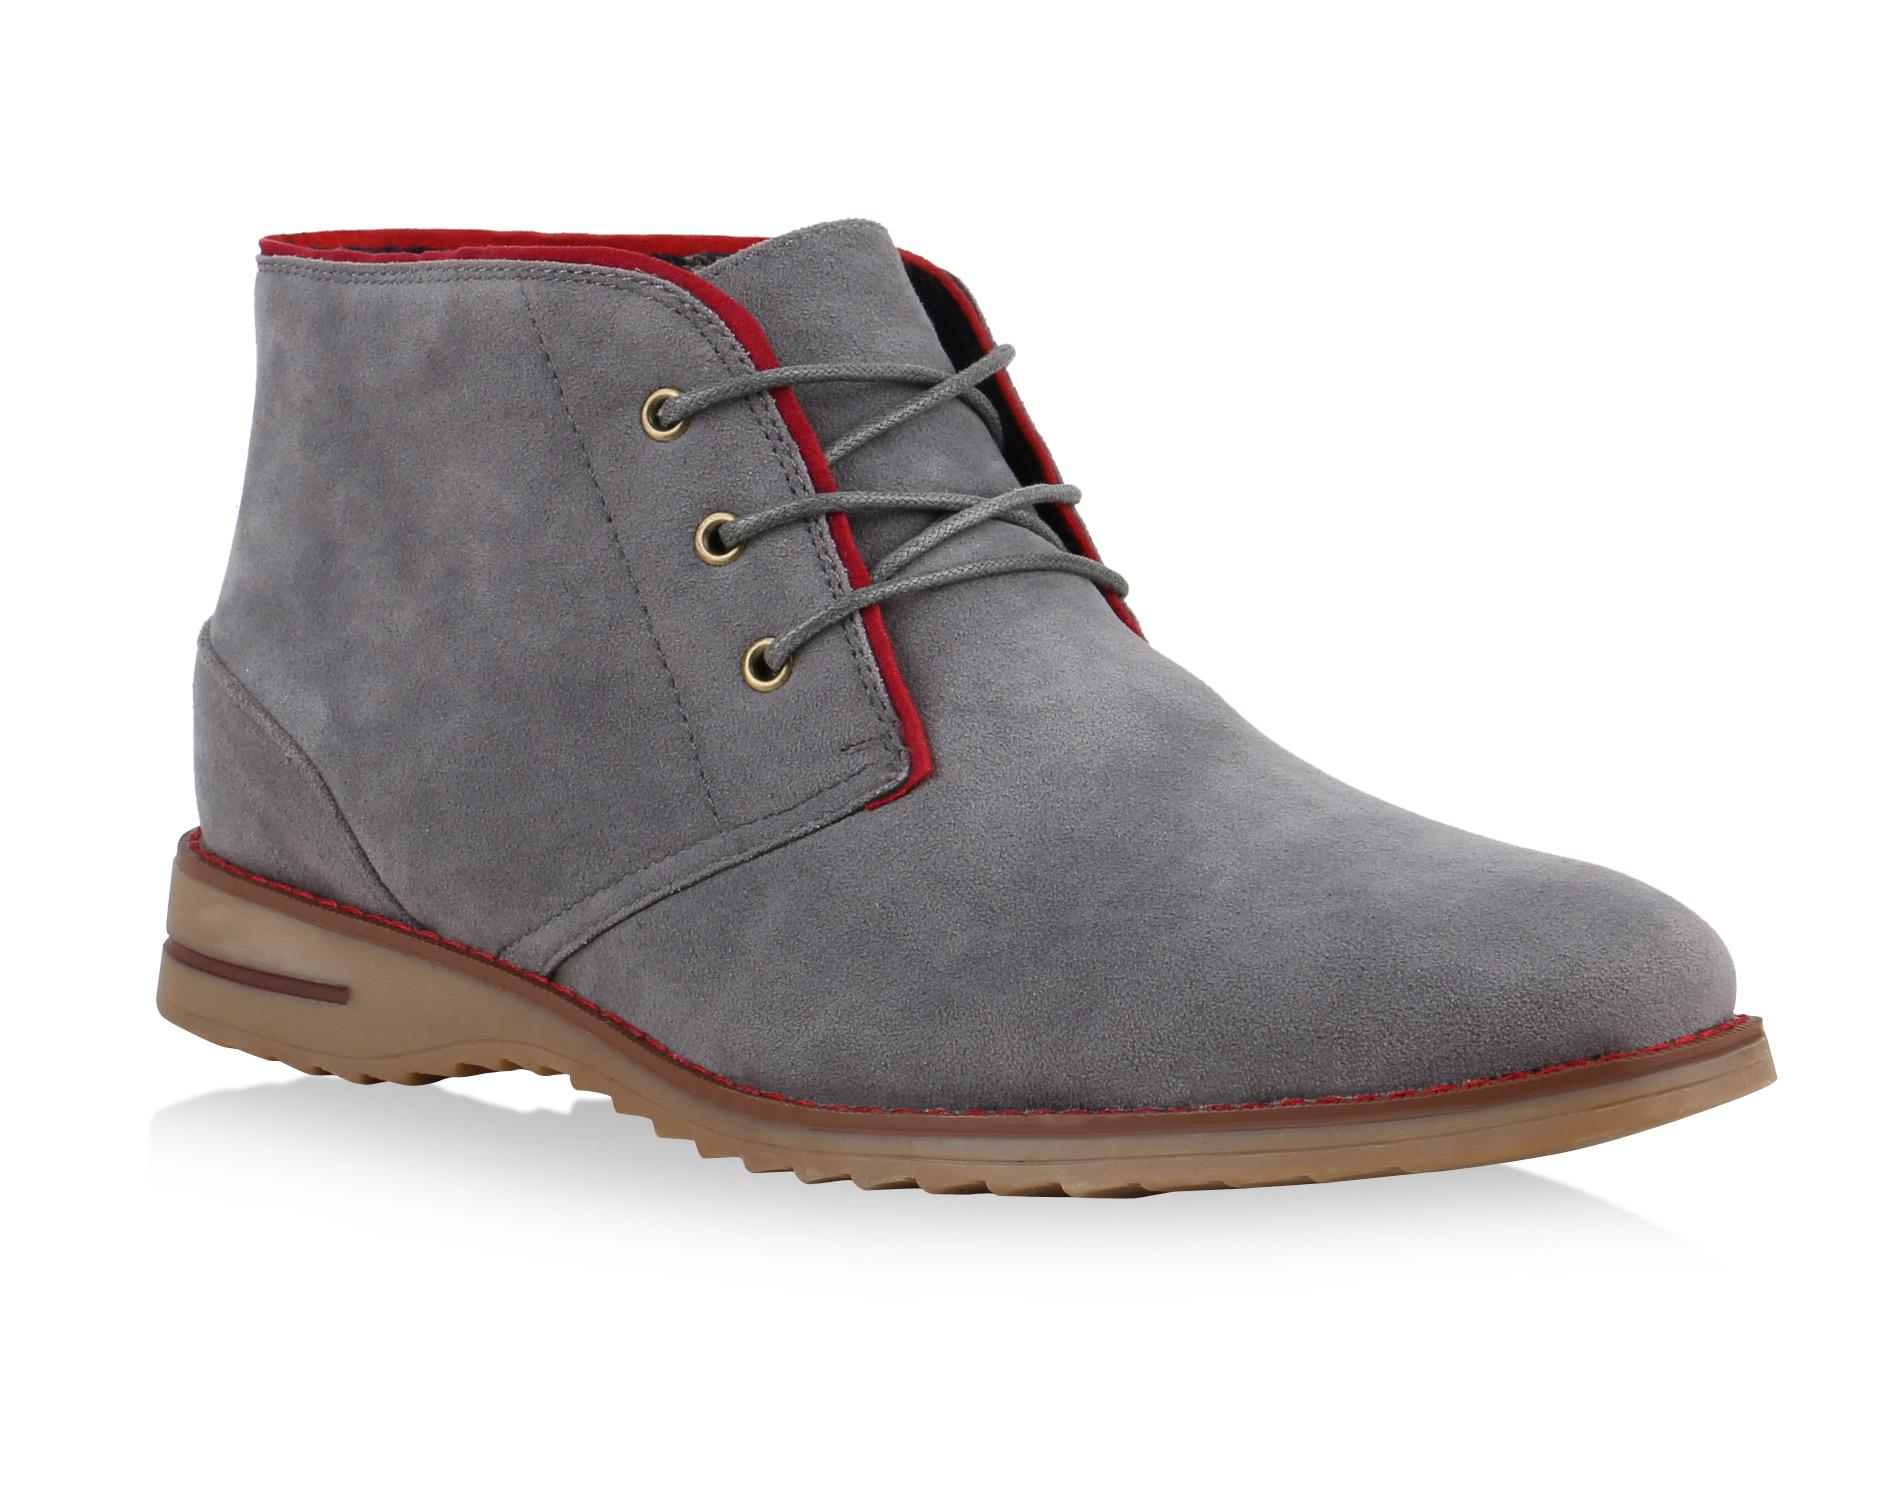 Herren Boots Desert Boots - Grau